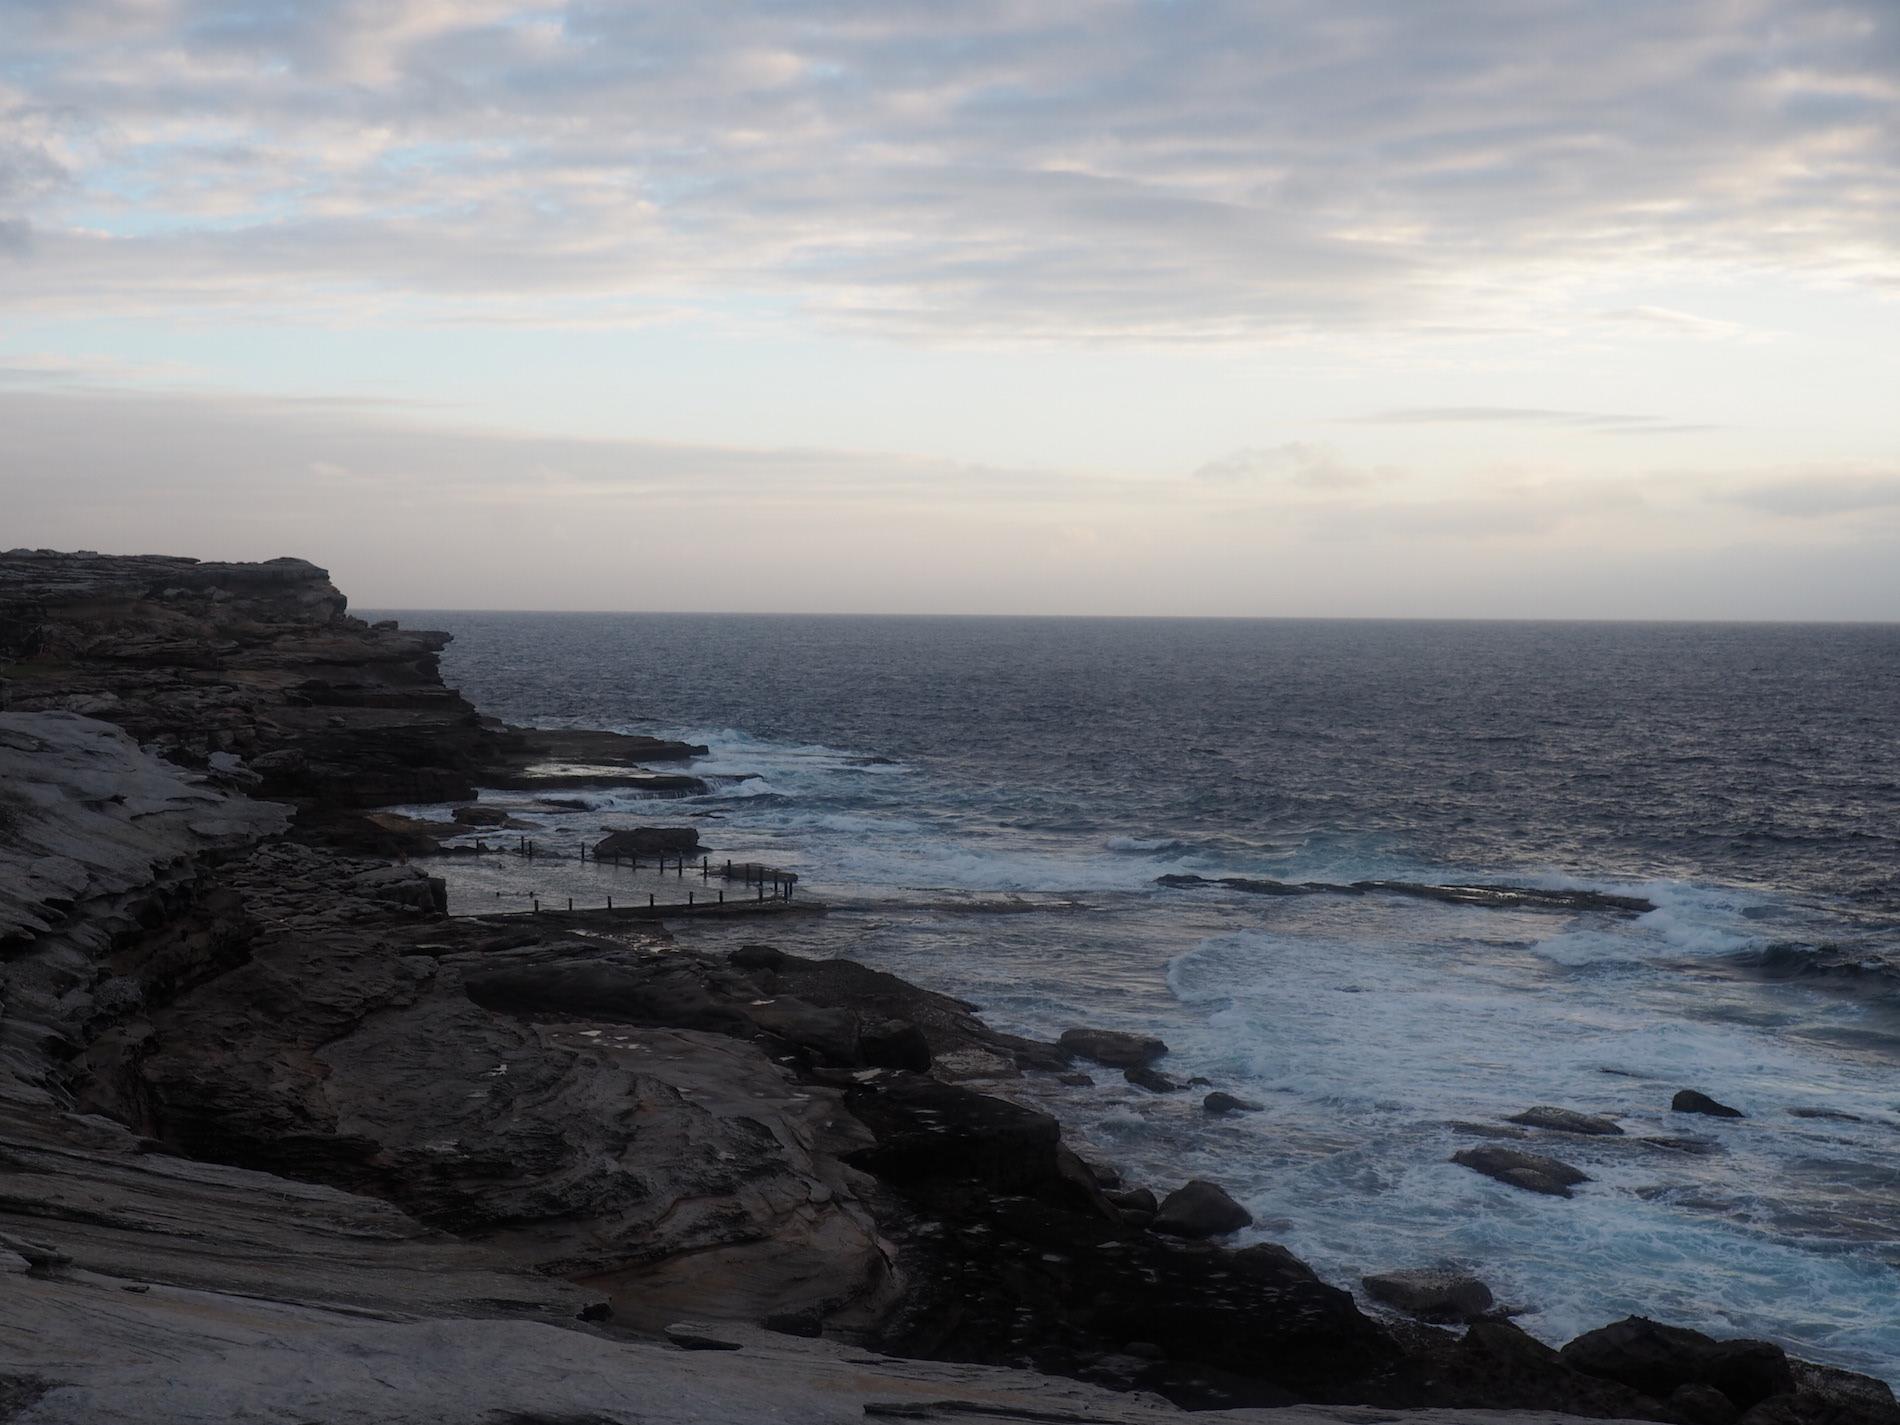 maroubra_beach